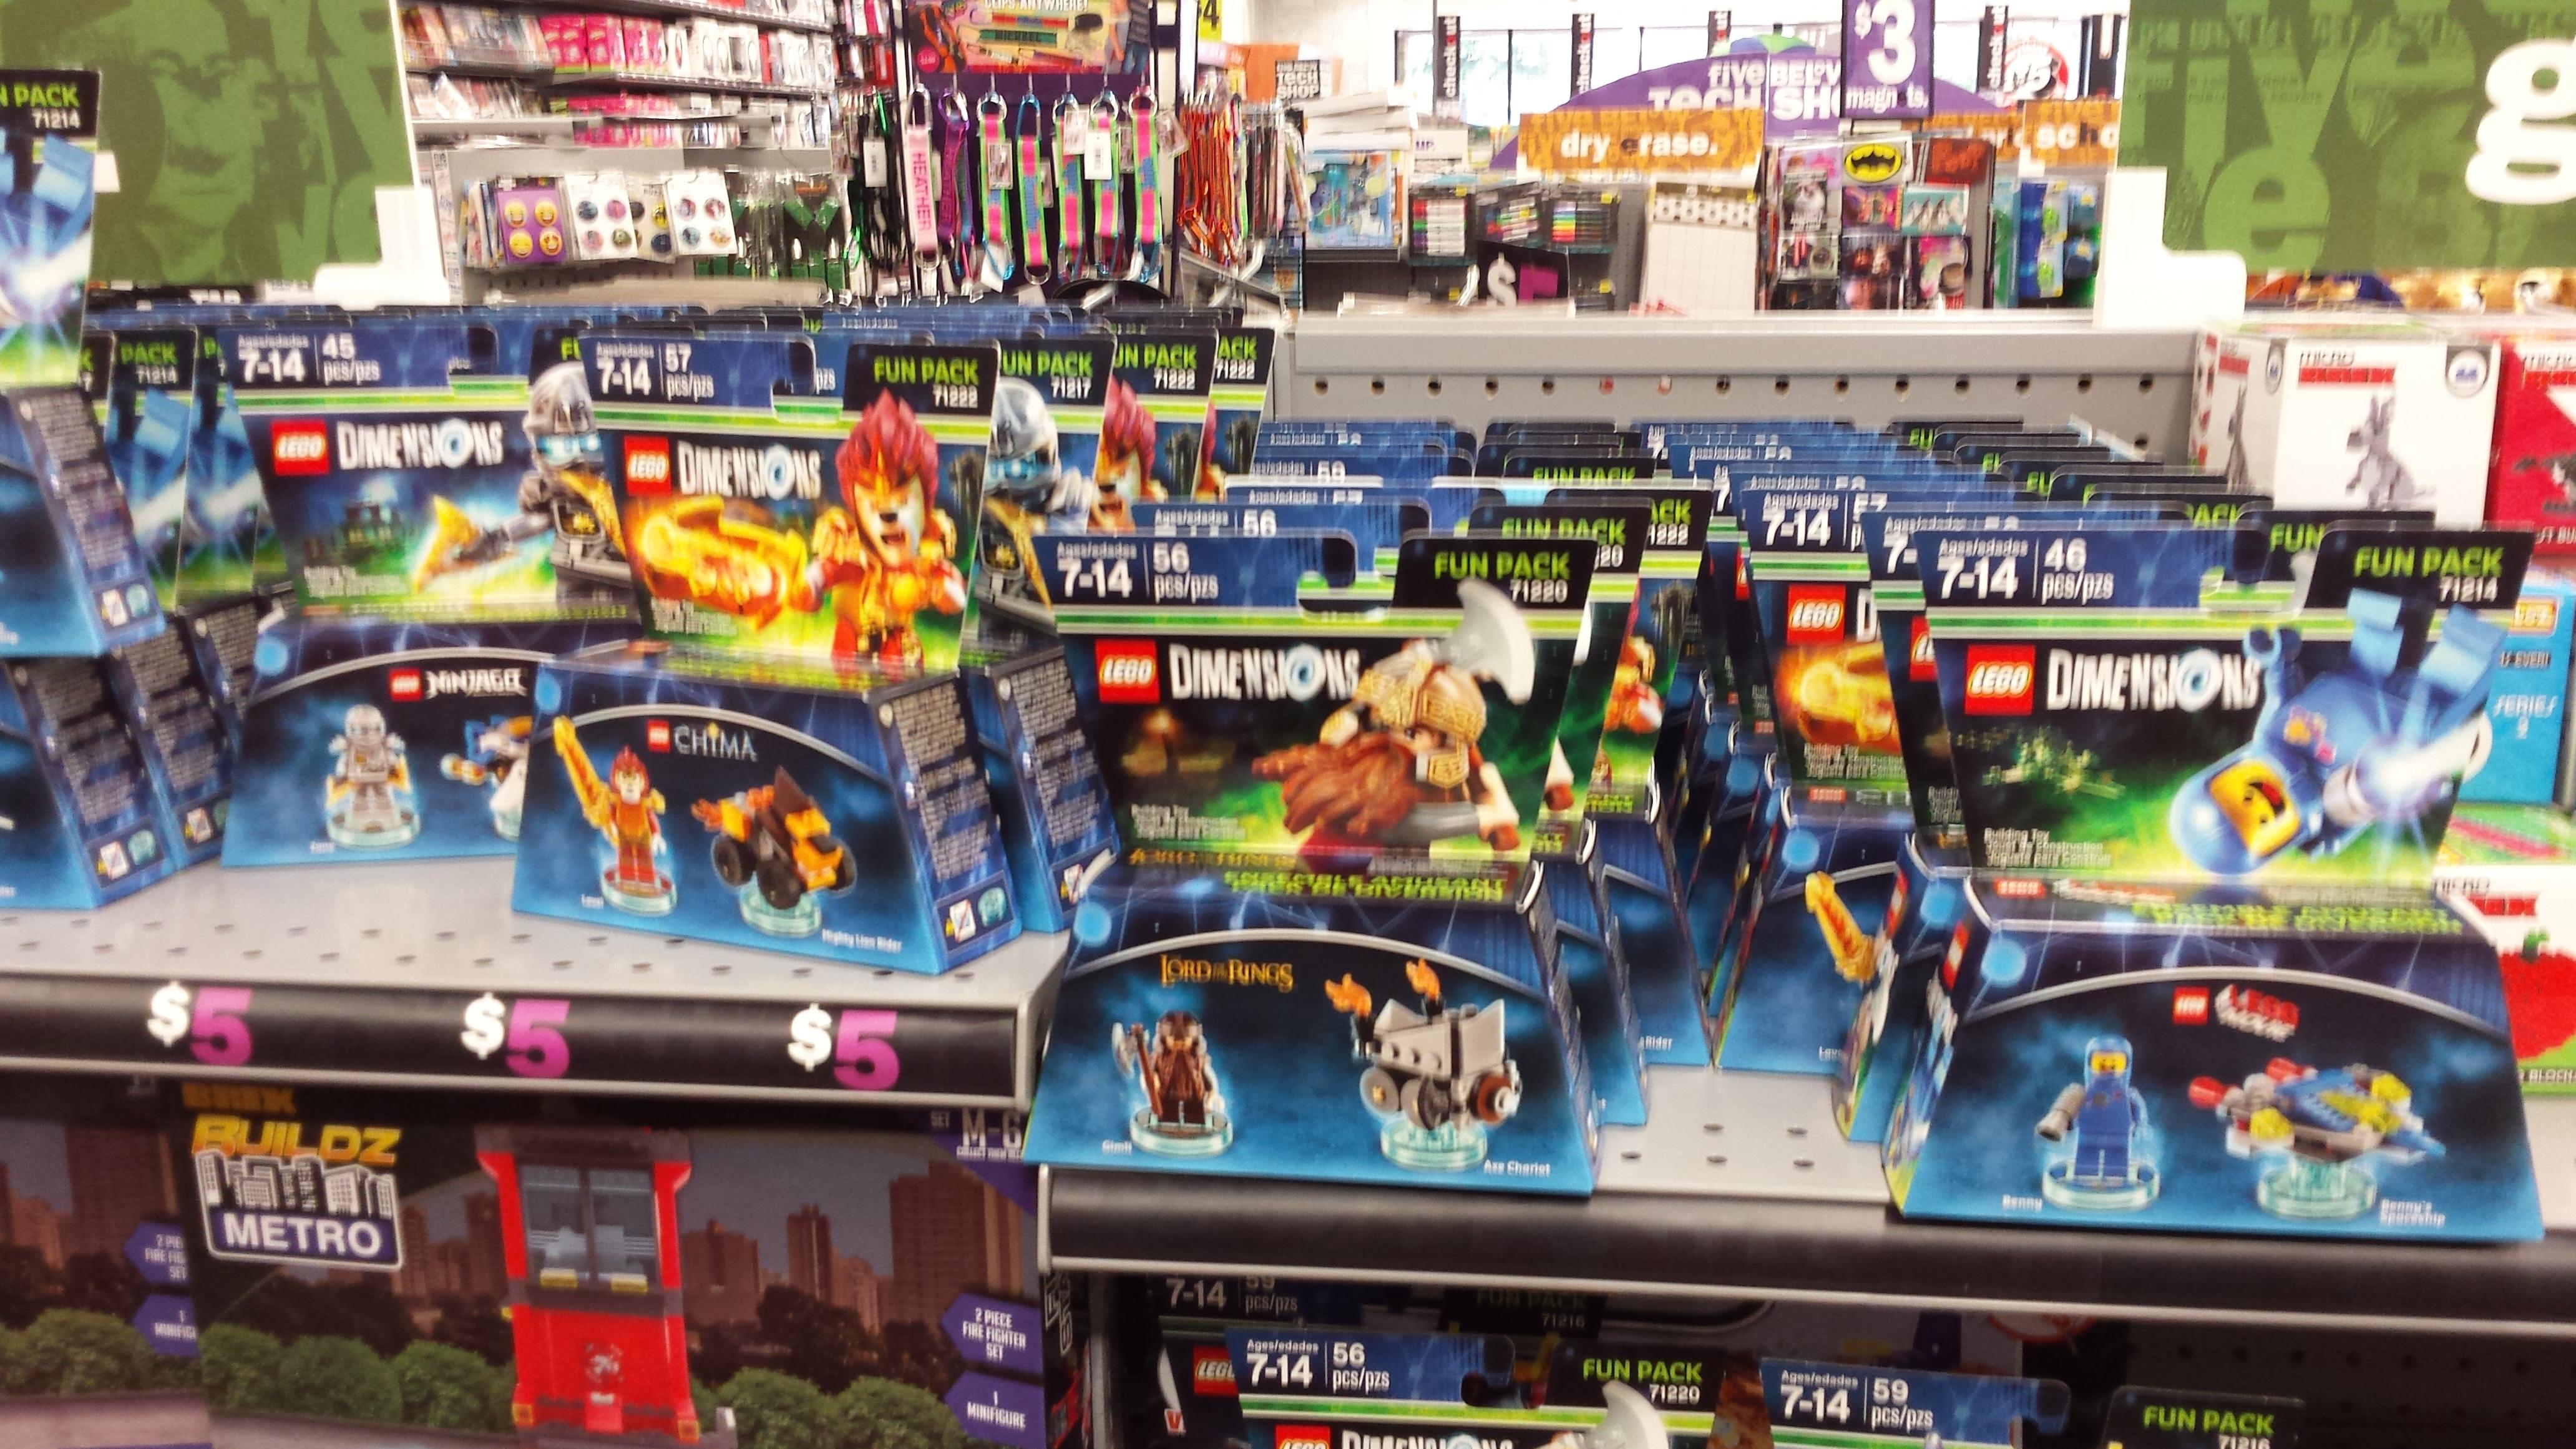 Slickdeals legos